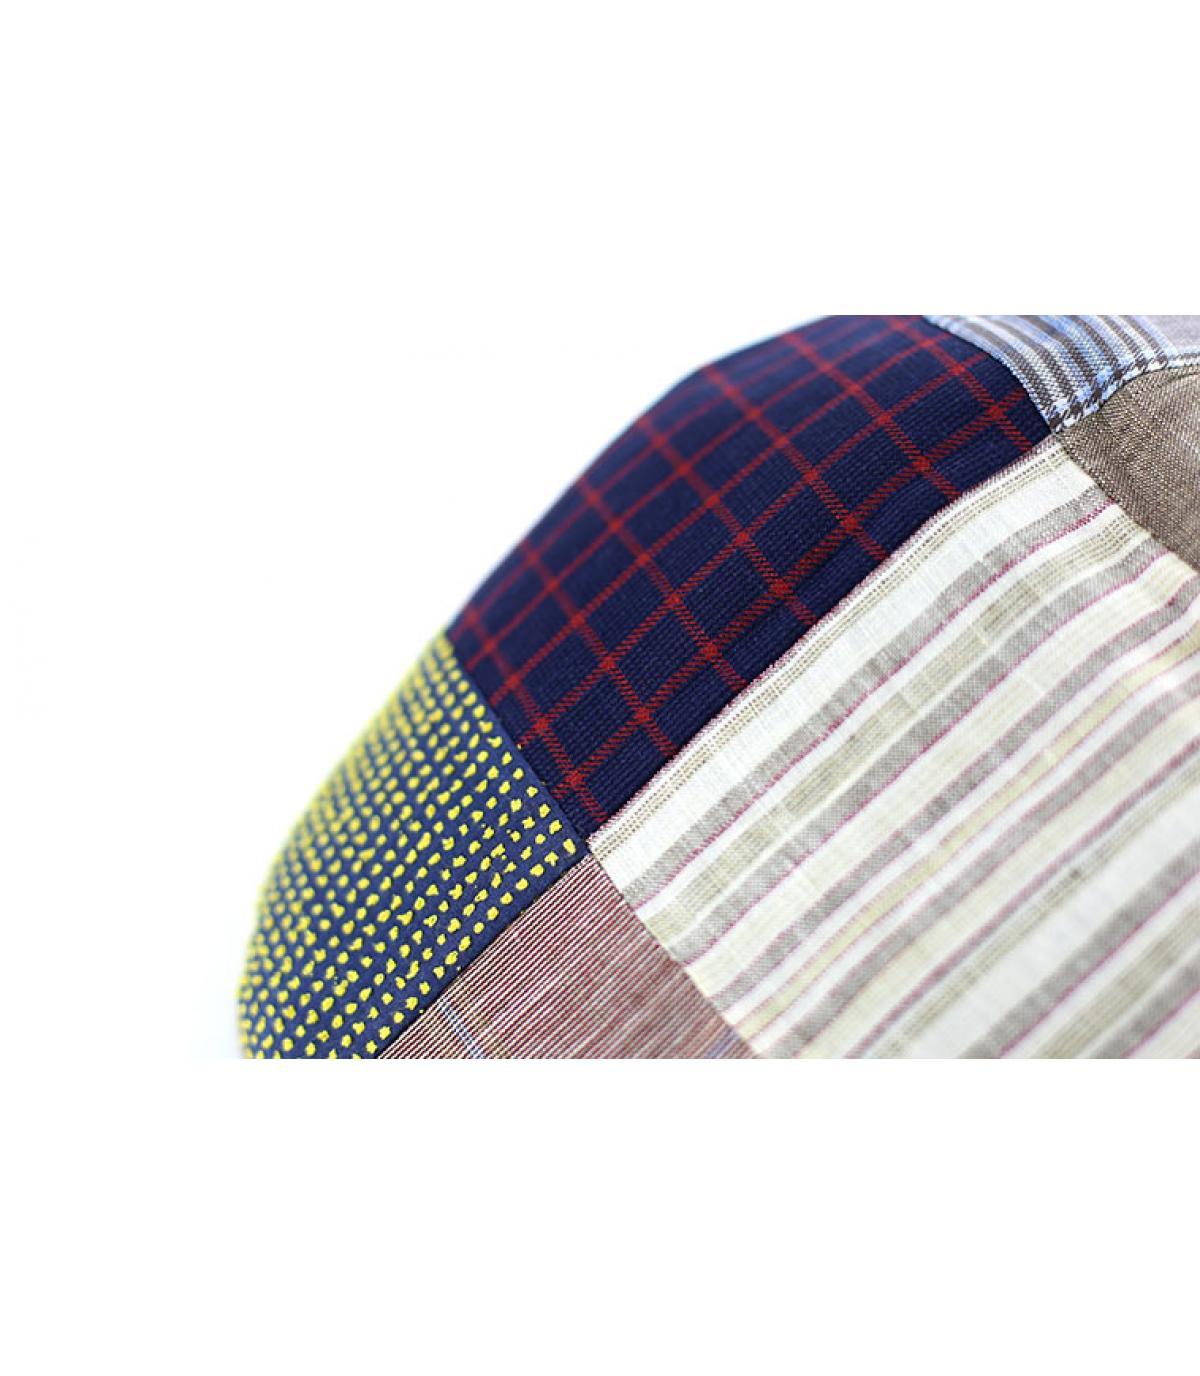 Détails Boxer patchwork - image 4